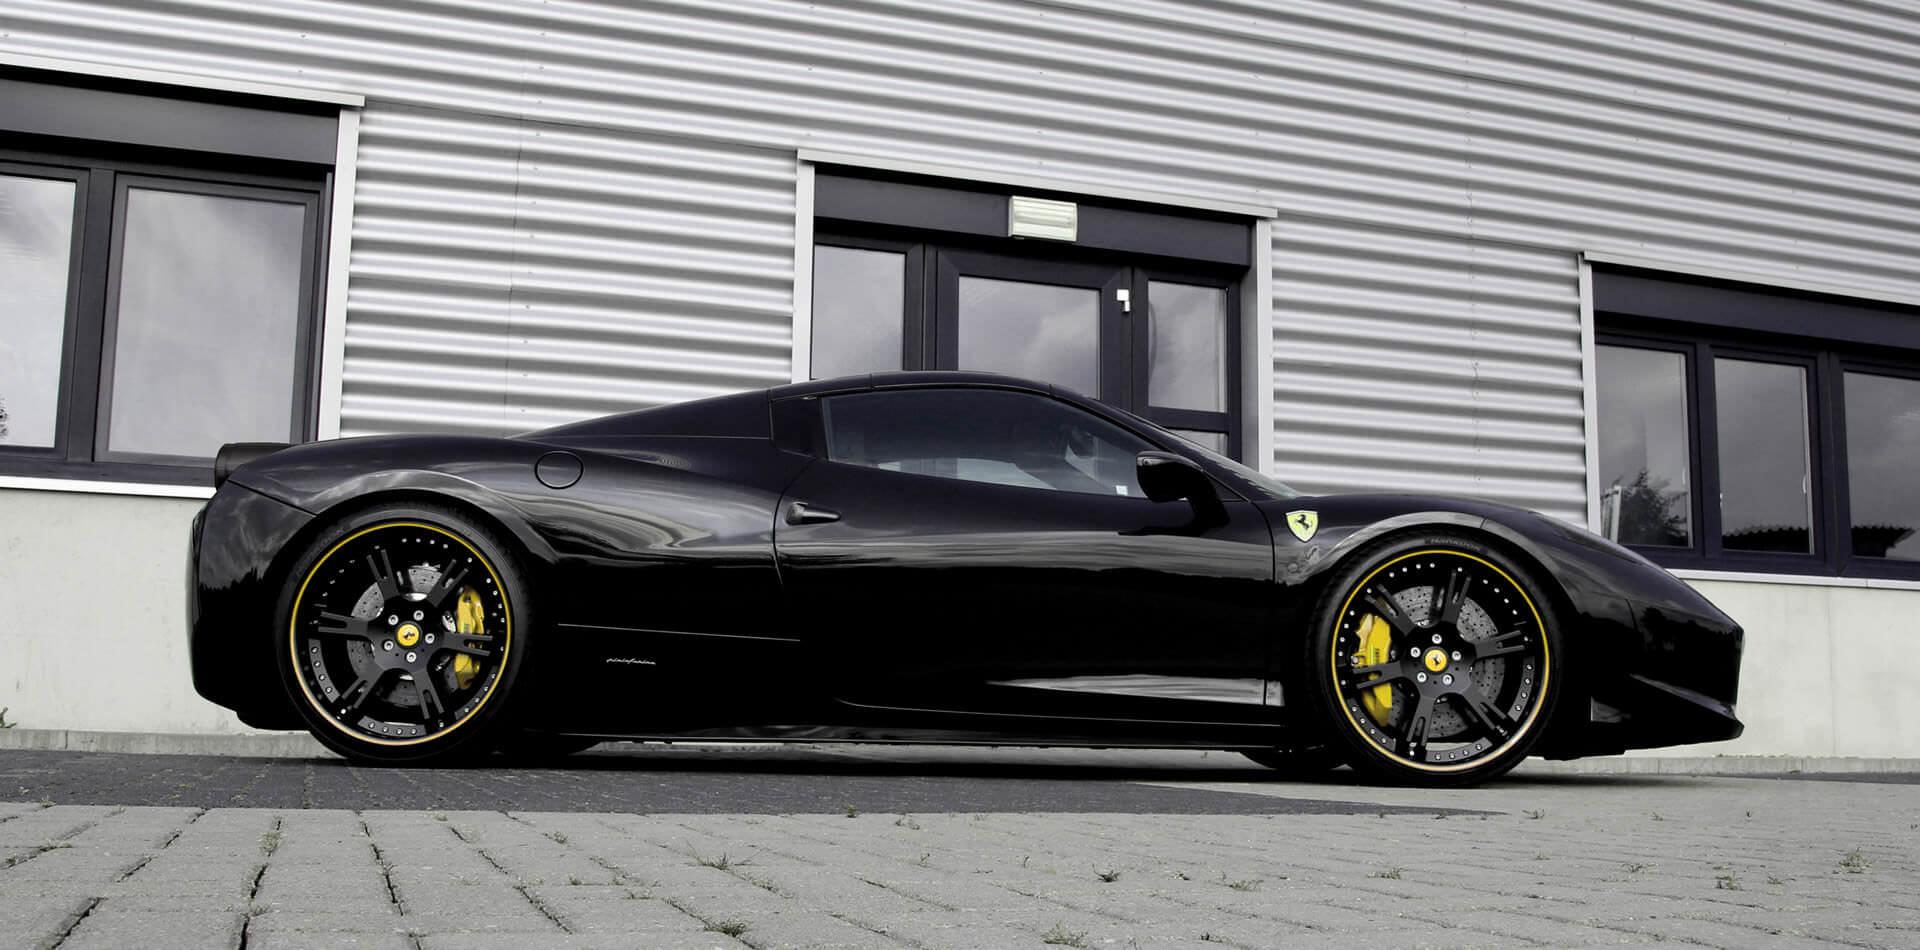 Ferrari 458 Italia Felgen, Auspuffanlage, Leistungssteigerung